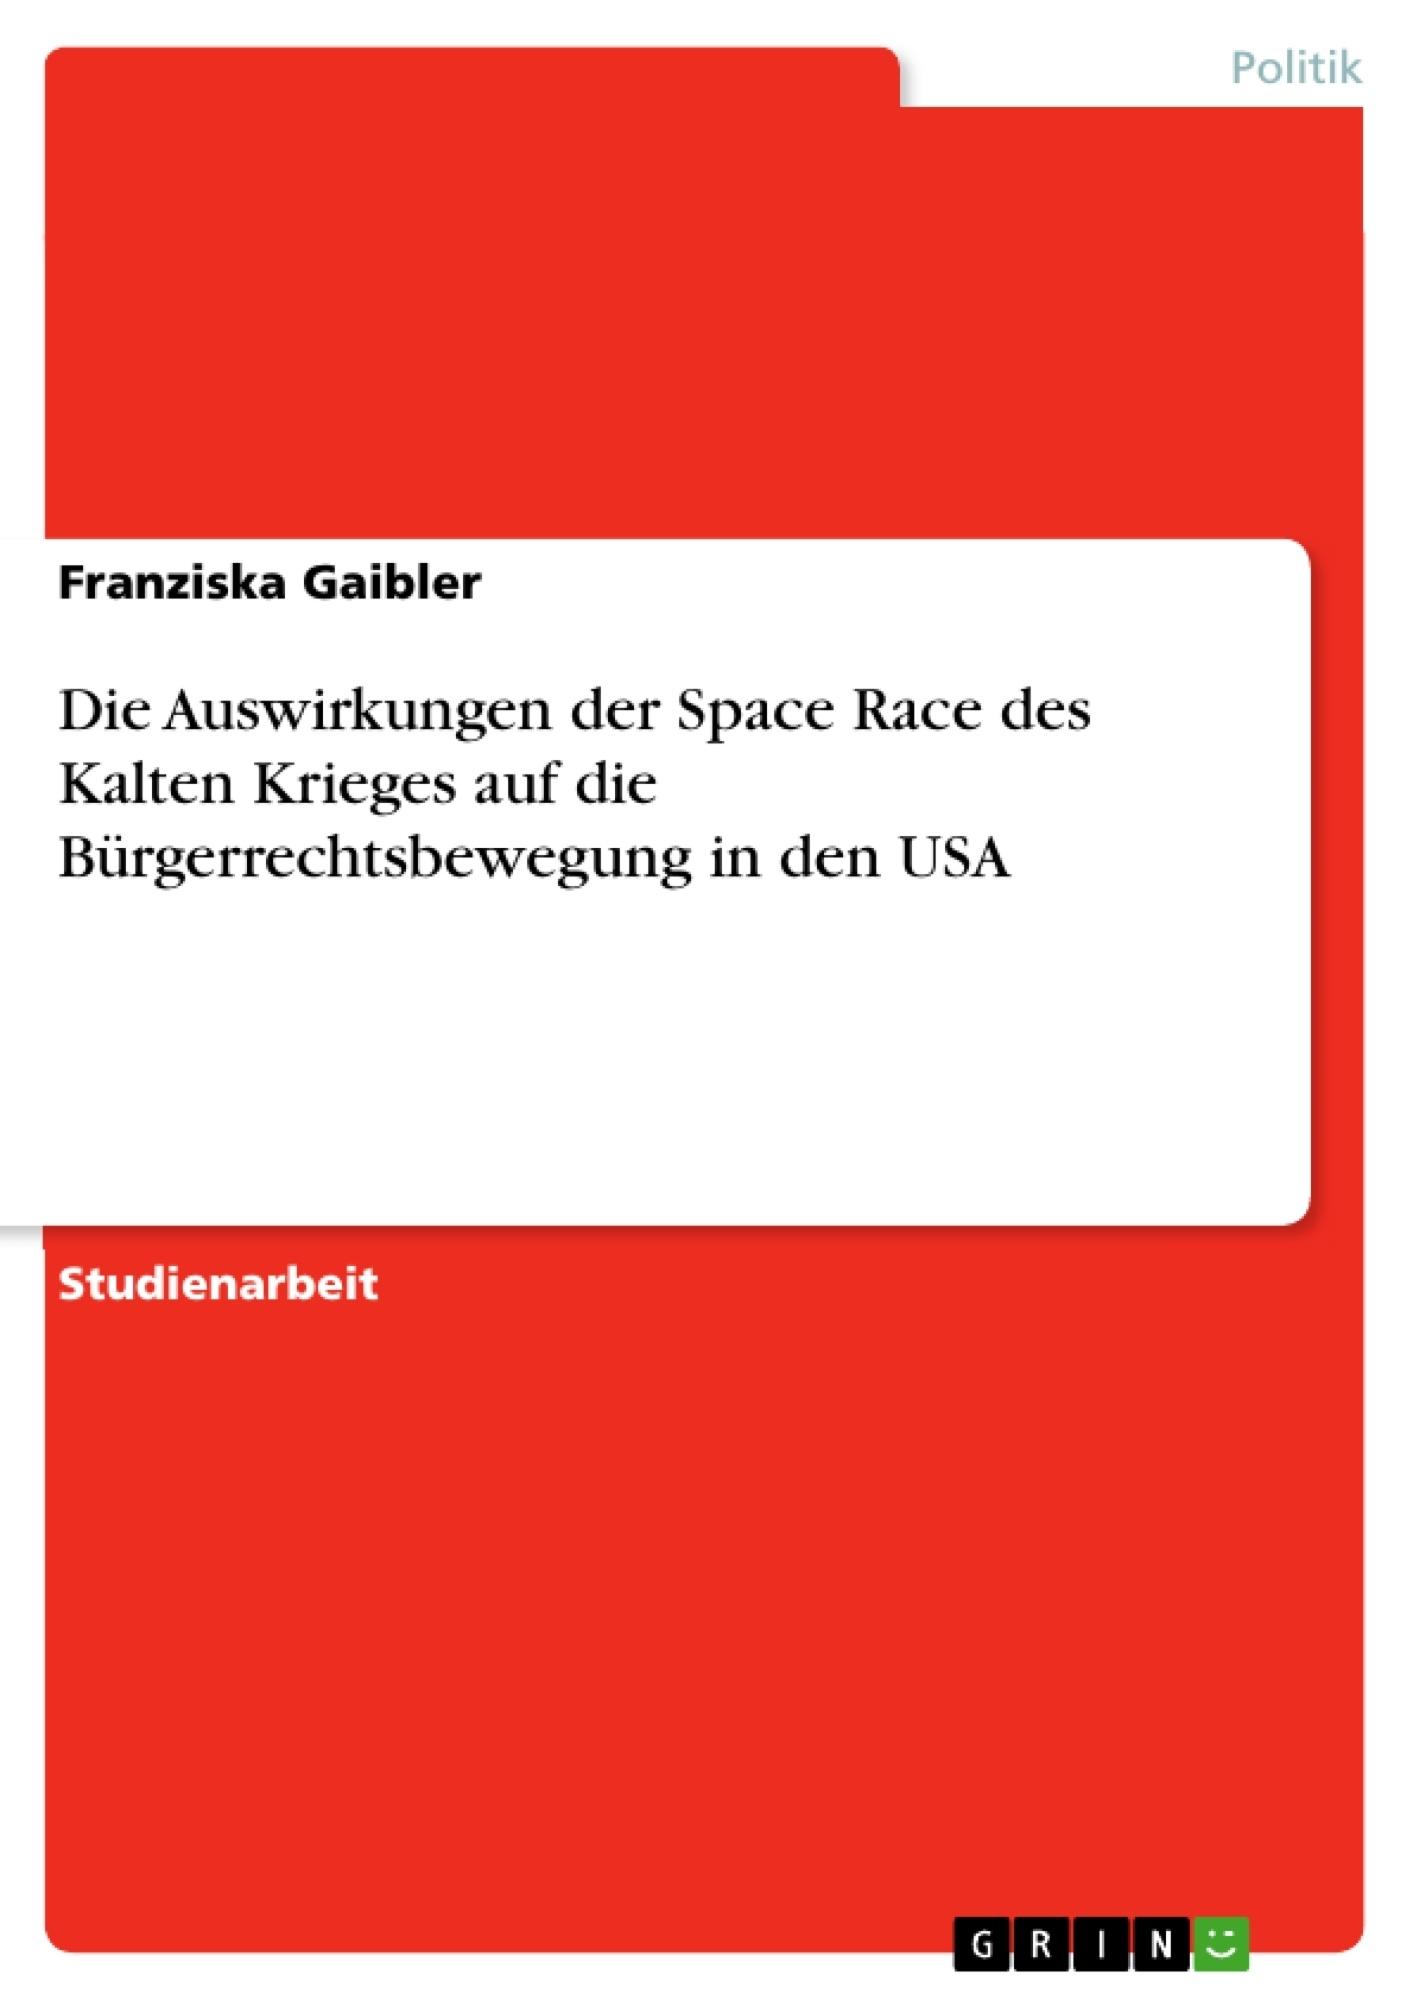 Titel: Die Auswirkungen der Space Race des Kalten Krieges auf die Bürgerrechtsbewegung in den USA